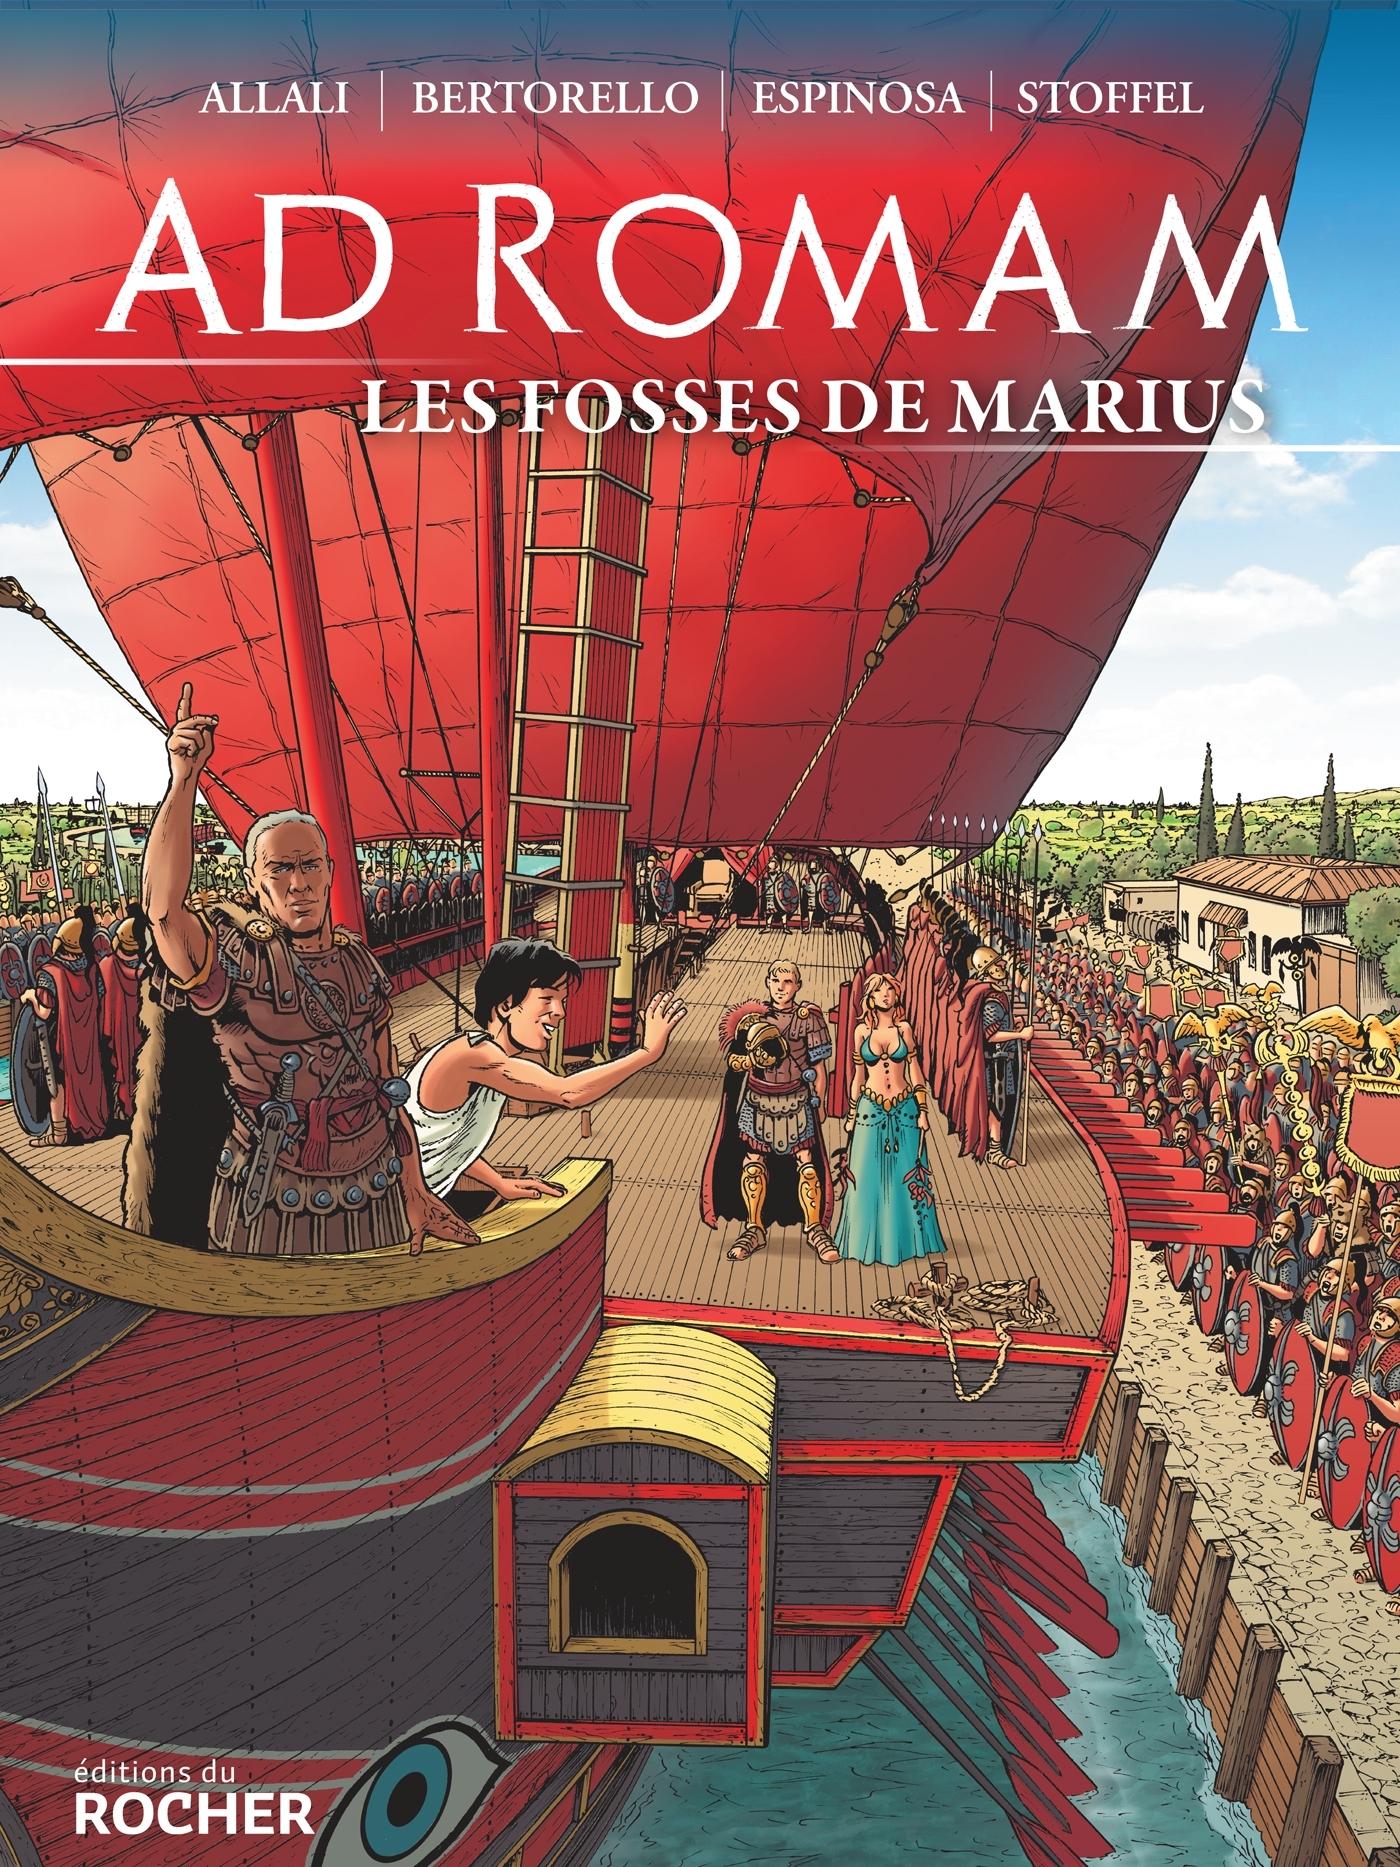 AD ROMAM : LES FOSSES DE MARIUS